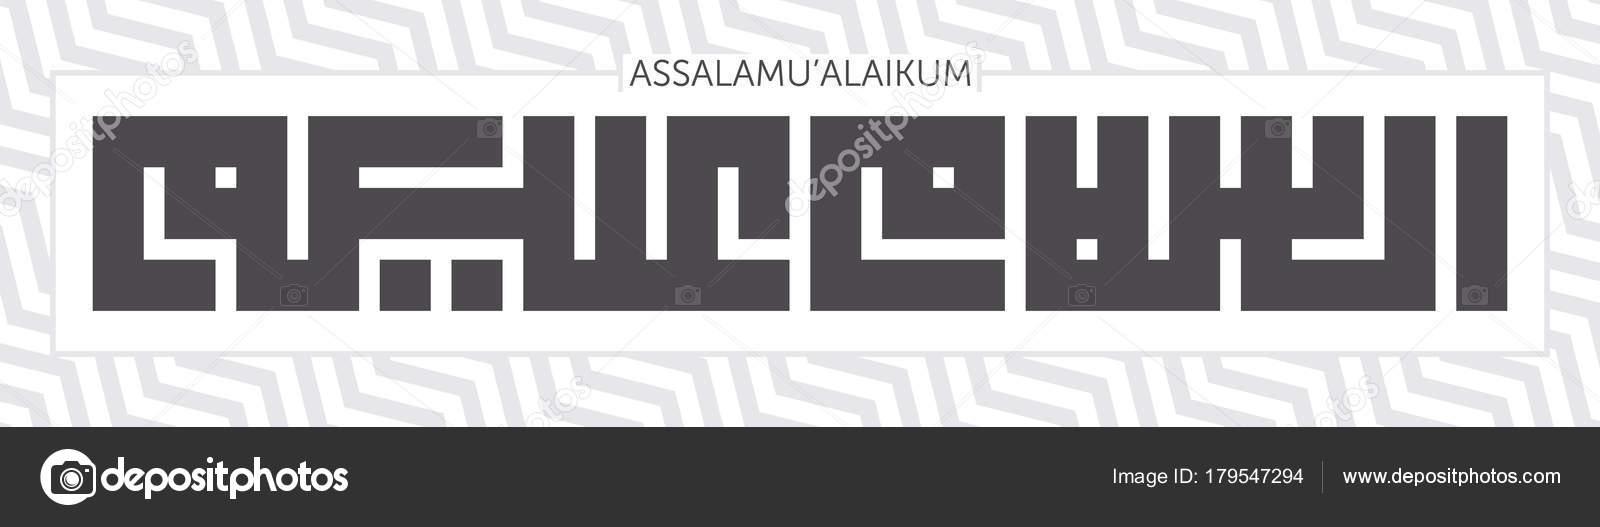 Kufic Calligraphy Assalamu Alaikum Peace You Islamic Geometric